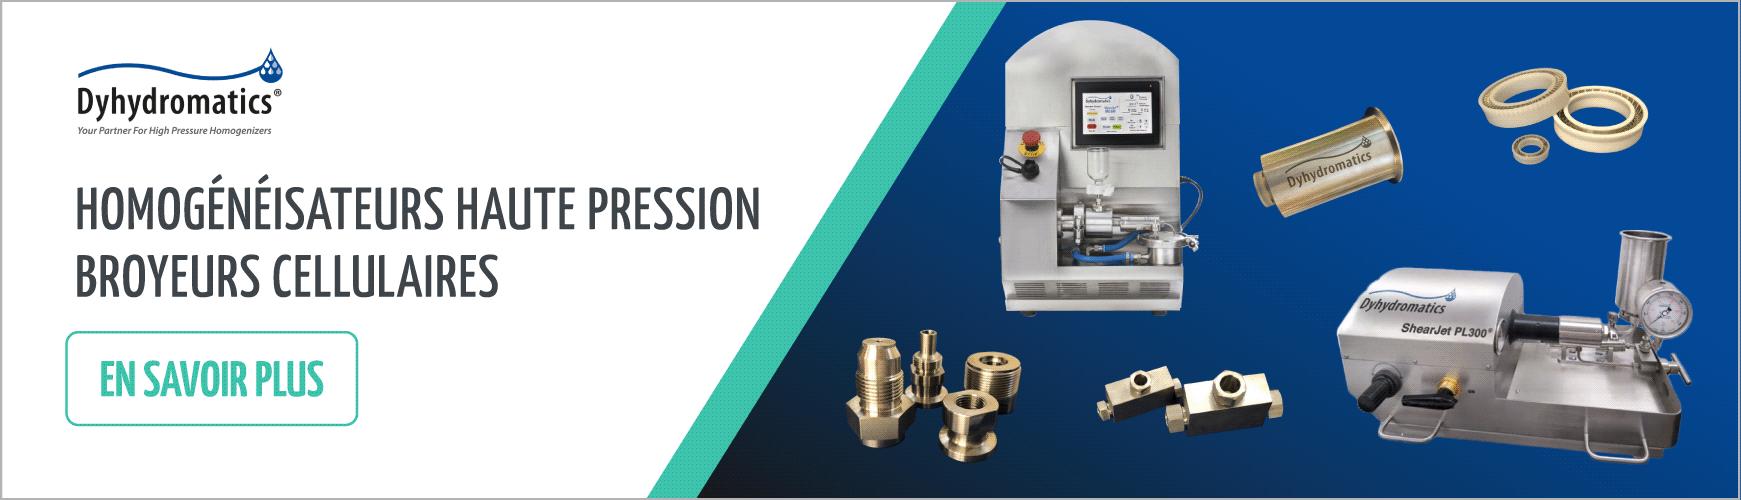 Homogénéisateurs haute pression broyeurs cellulaires - DYHYDROMATICS